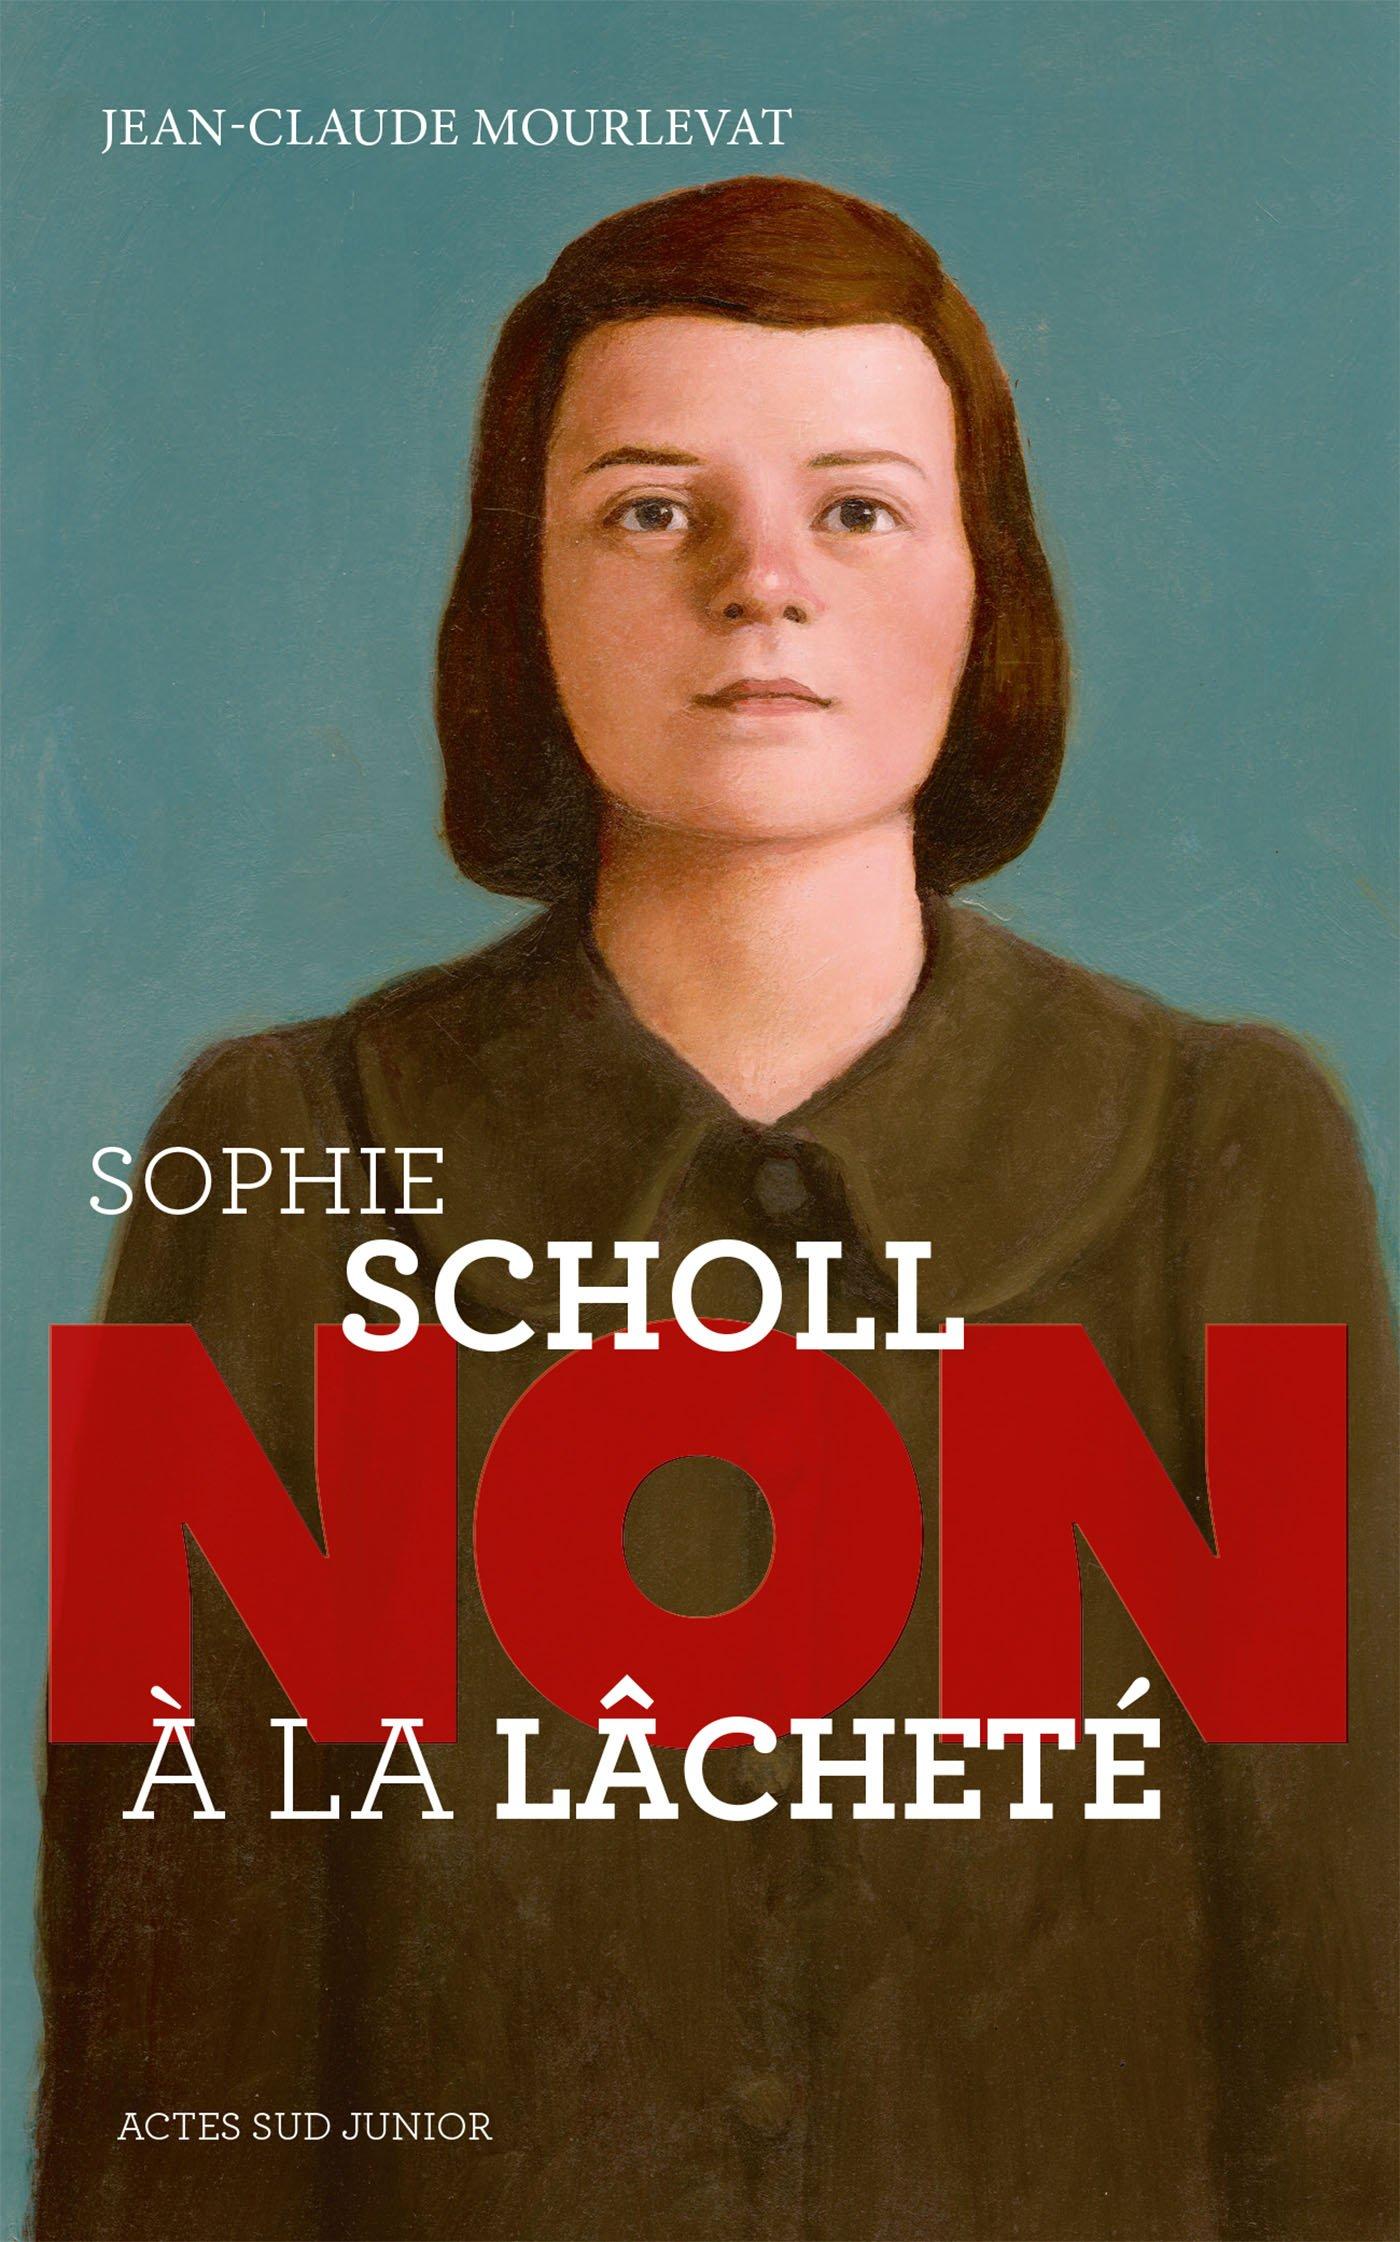 Sophie Scholl : Non à la lâcheté (Ceux qui ont dit non) por Jean-Claude Mourlevat